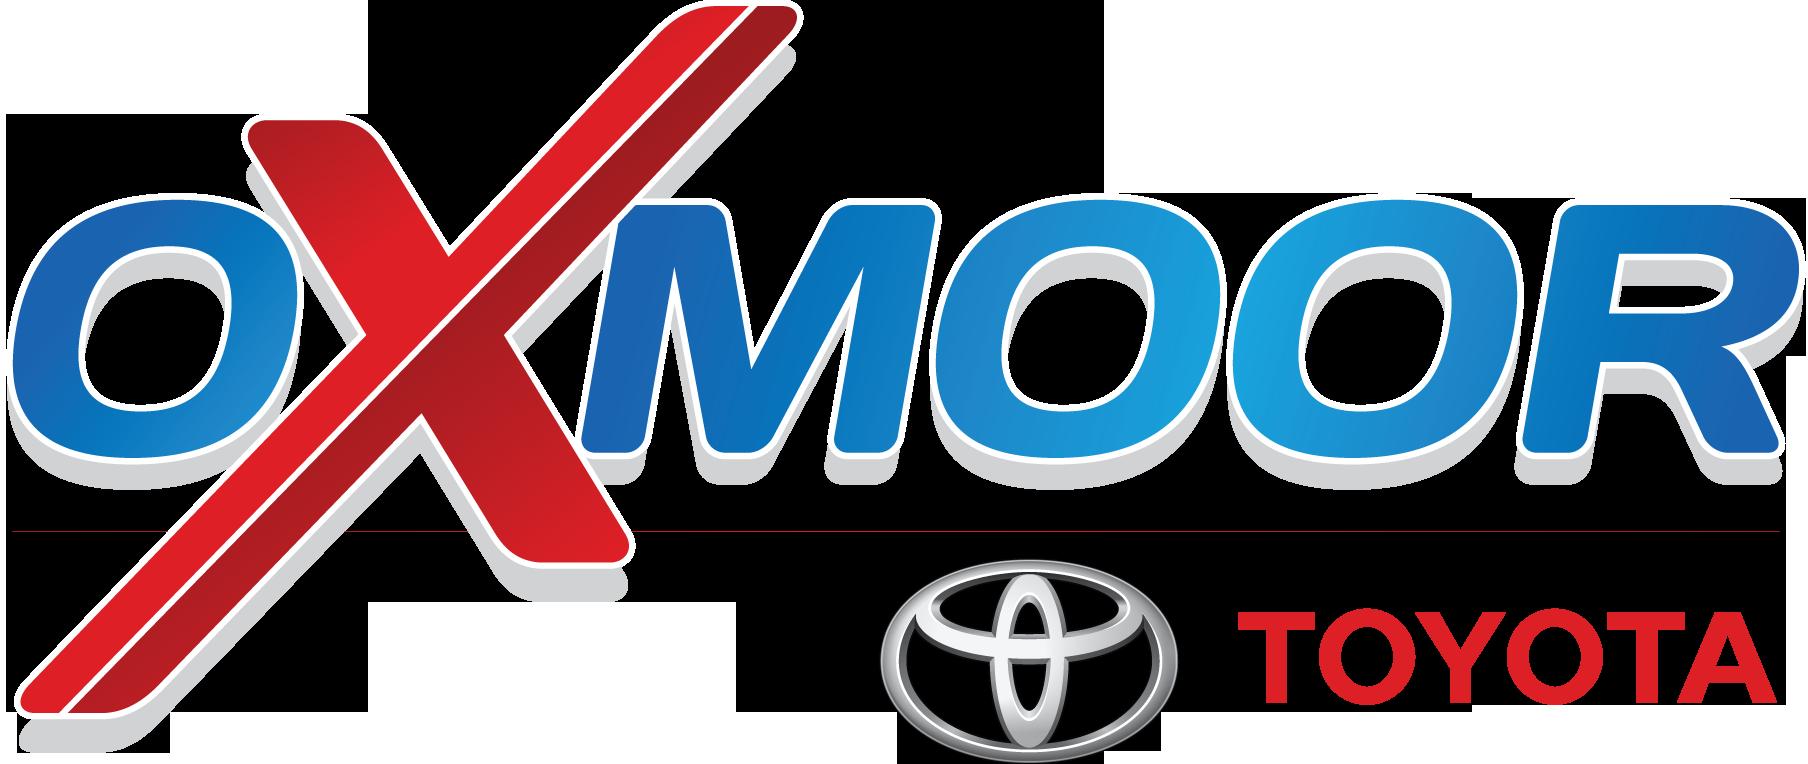 Oxmoor Toyota Service >> Toyota Tacoma vs. Toyota Tundra   Oxmoor Toyota